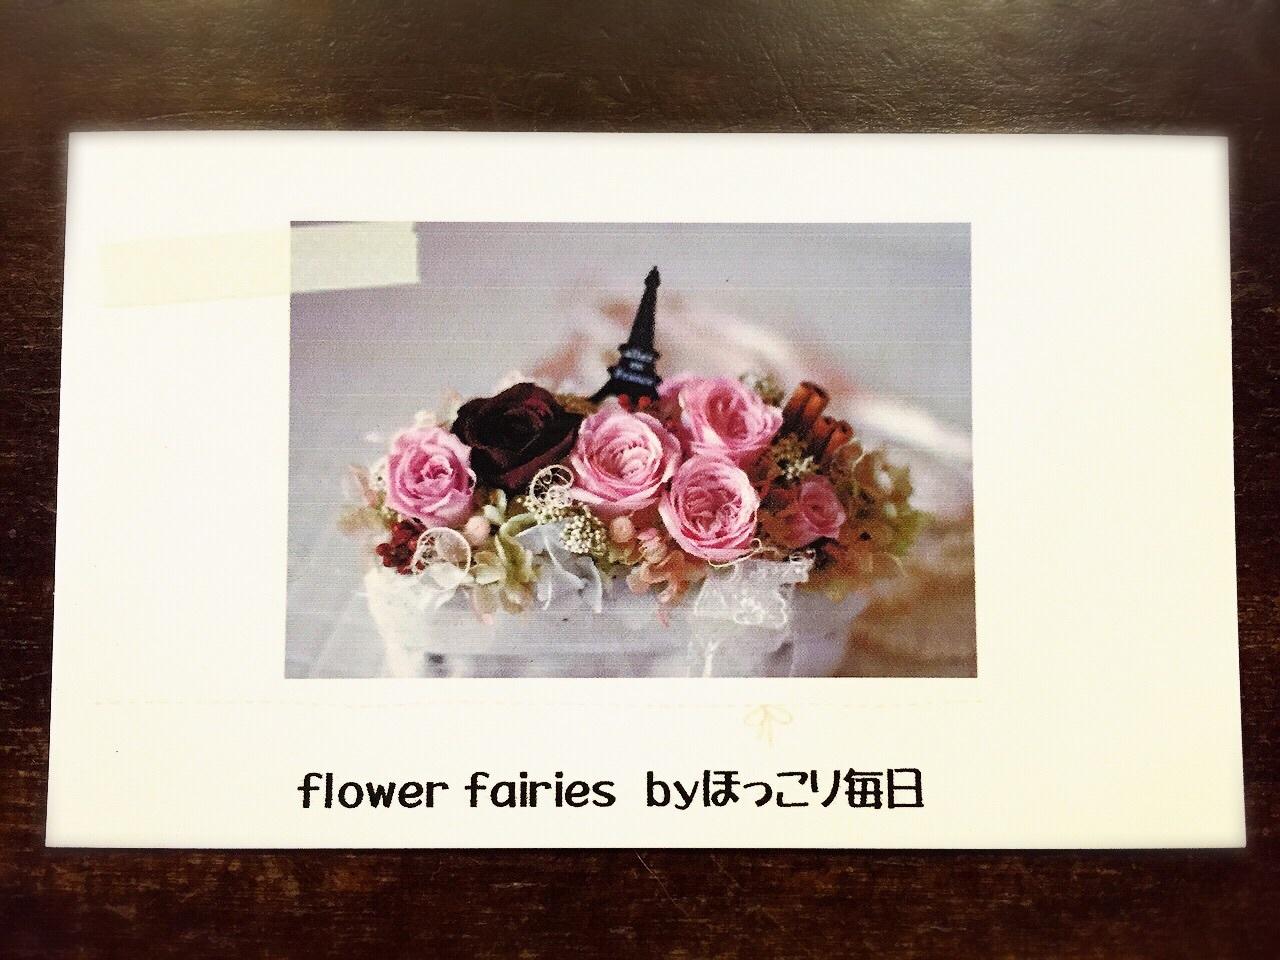 フラワーアレンジ・flower fairies さま_a0322702_10202550.jpg